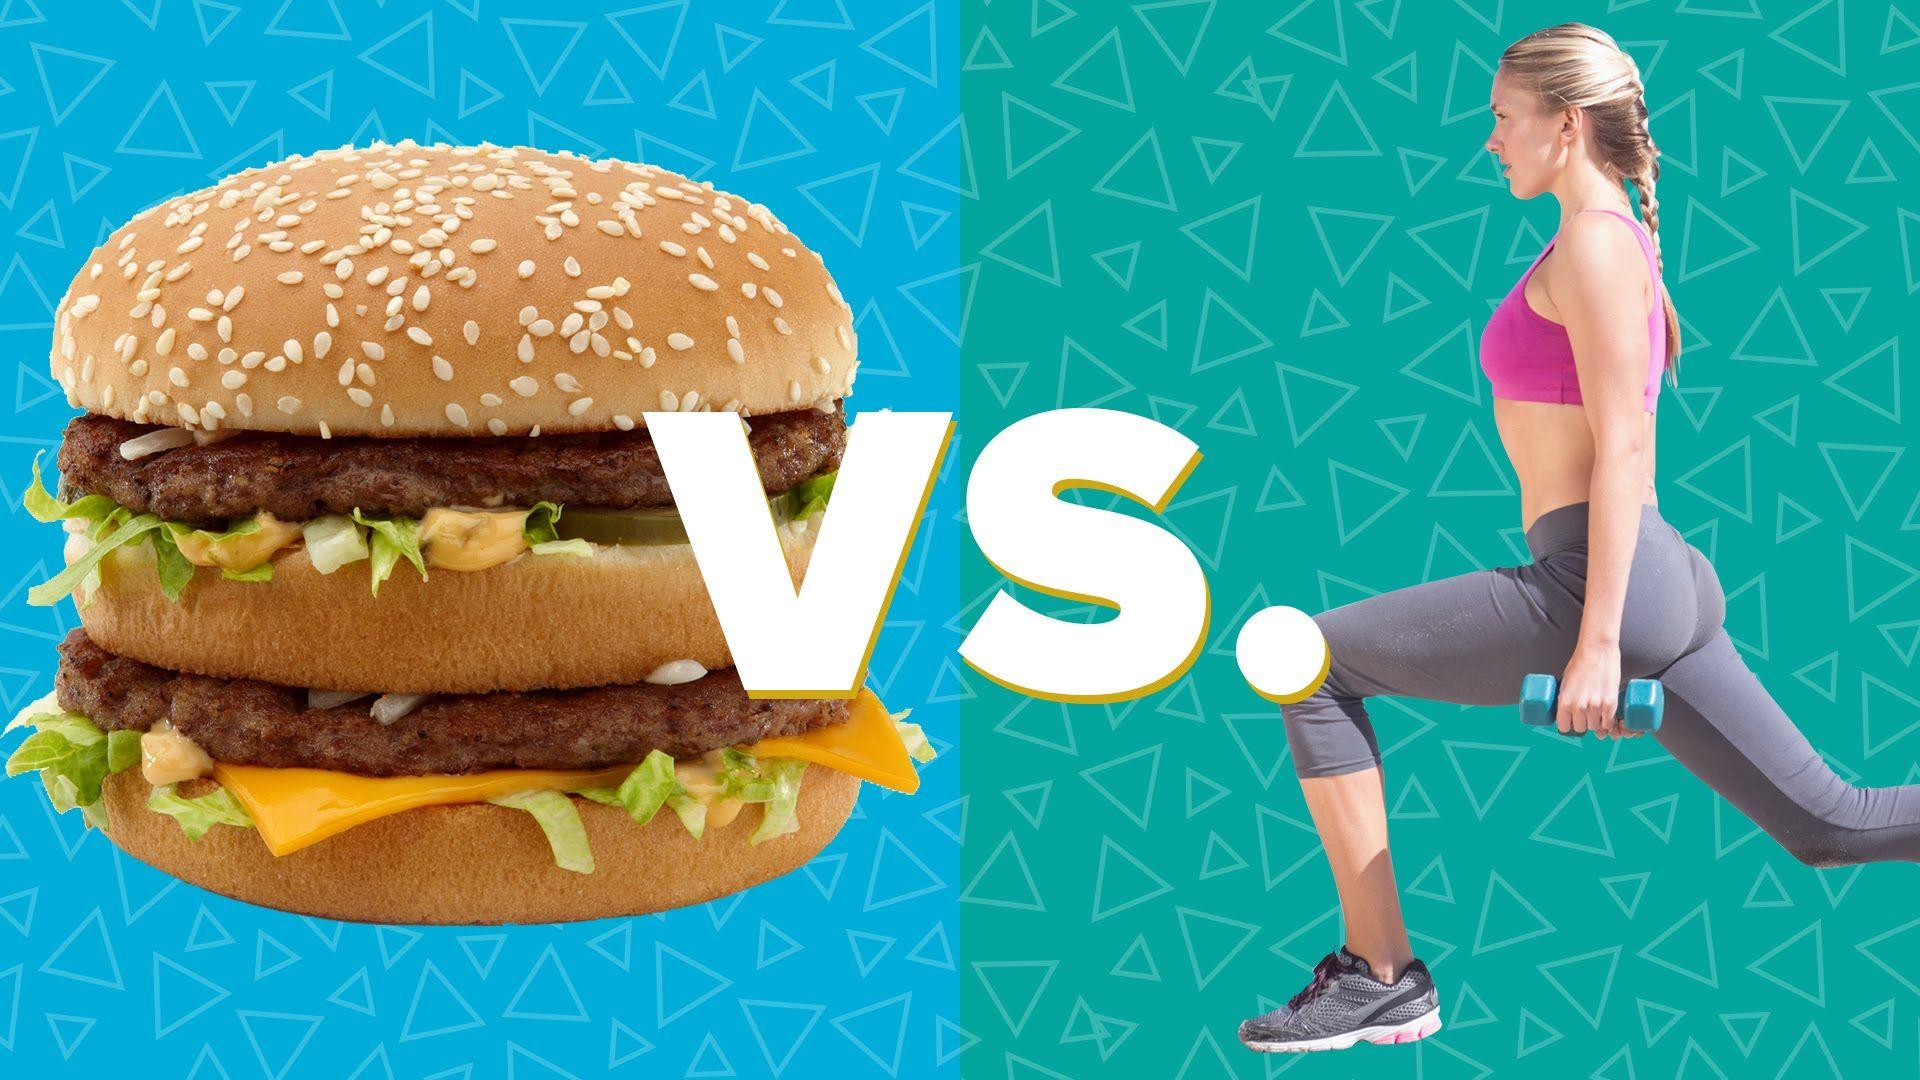 Nutrition Label Worksheet Answer Key Big Mac